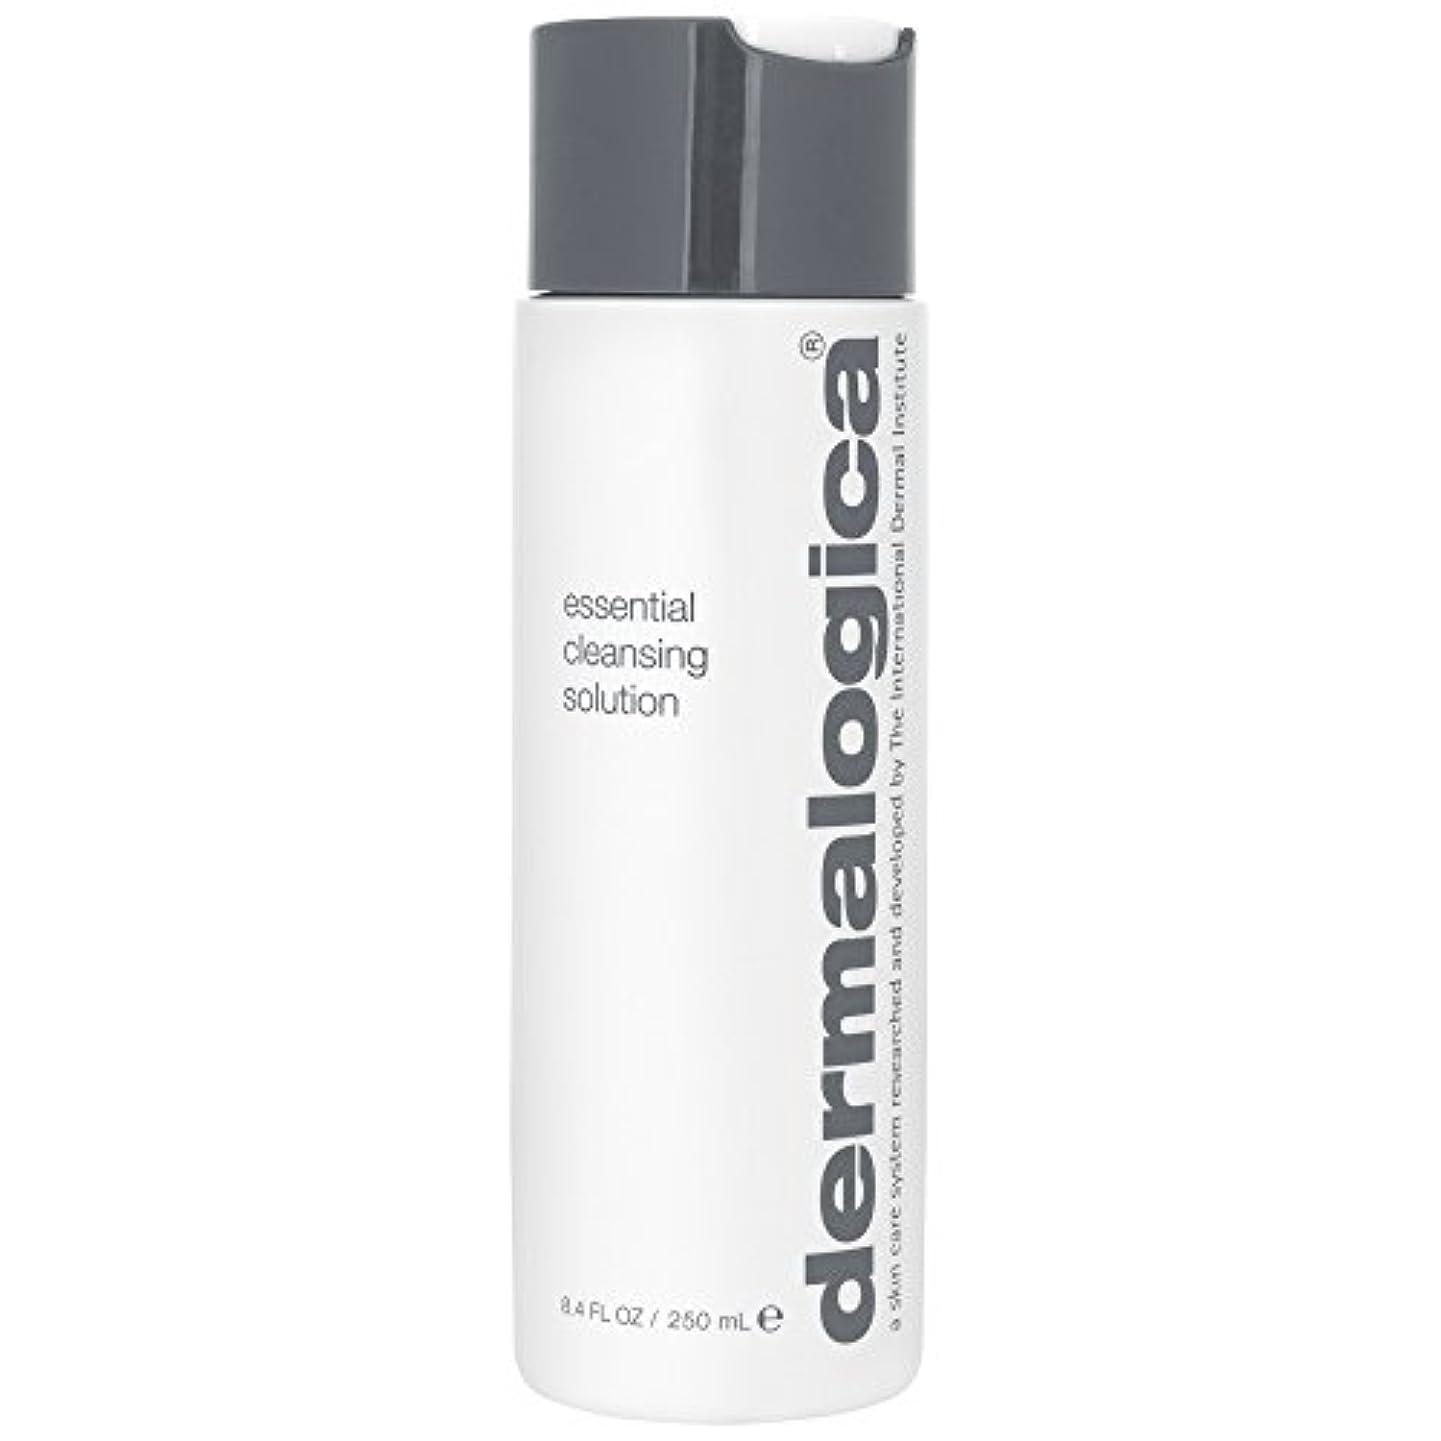 赤外線防衛好ましいダーマロジカ不可欠な洗浄液の250ミリリットル (Dermalogica) (x2) - Dermalogica Essential Cleansing Solution 250ml (Pack of 2) [並行輸入品]